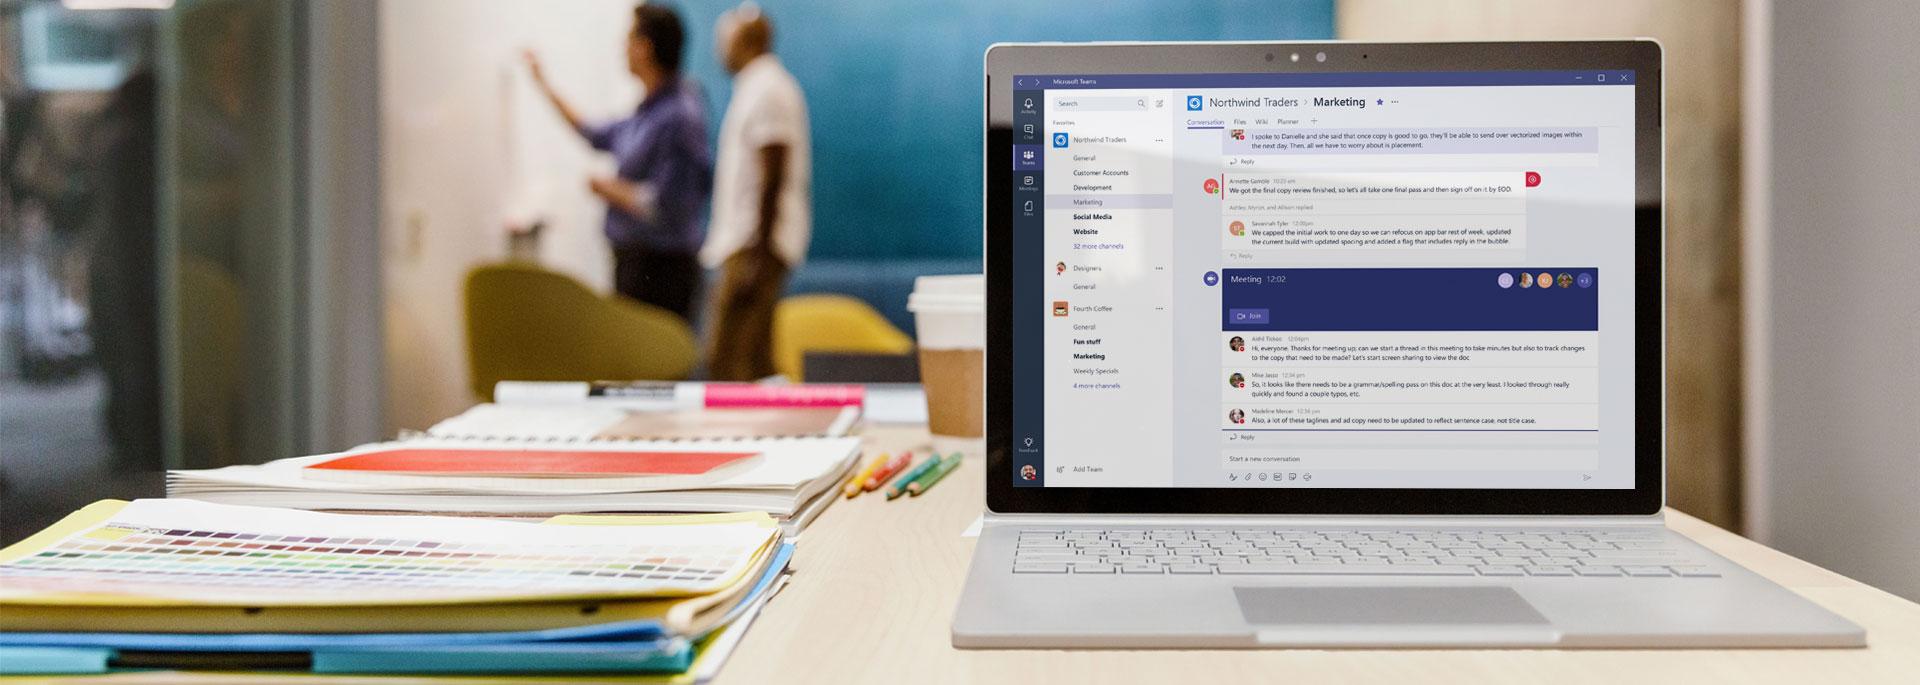 Ecranul unui laptop afișând aplicația Microsoft Teams